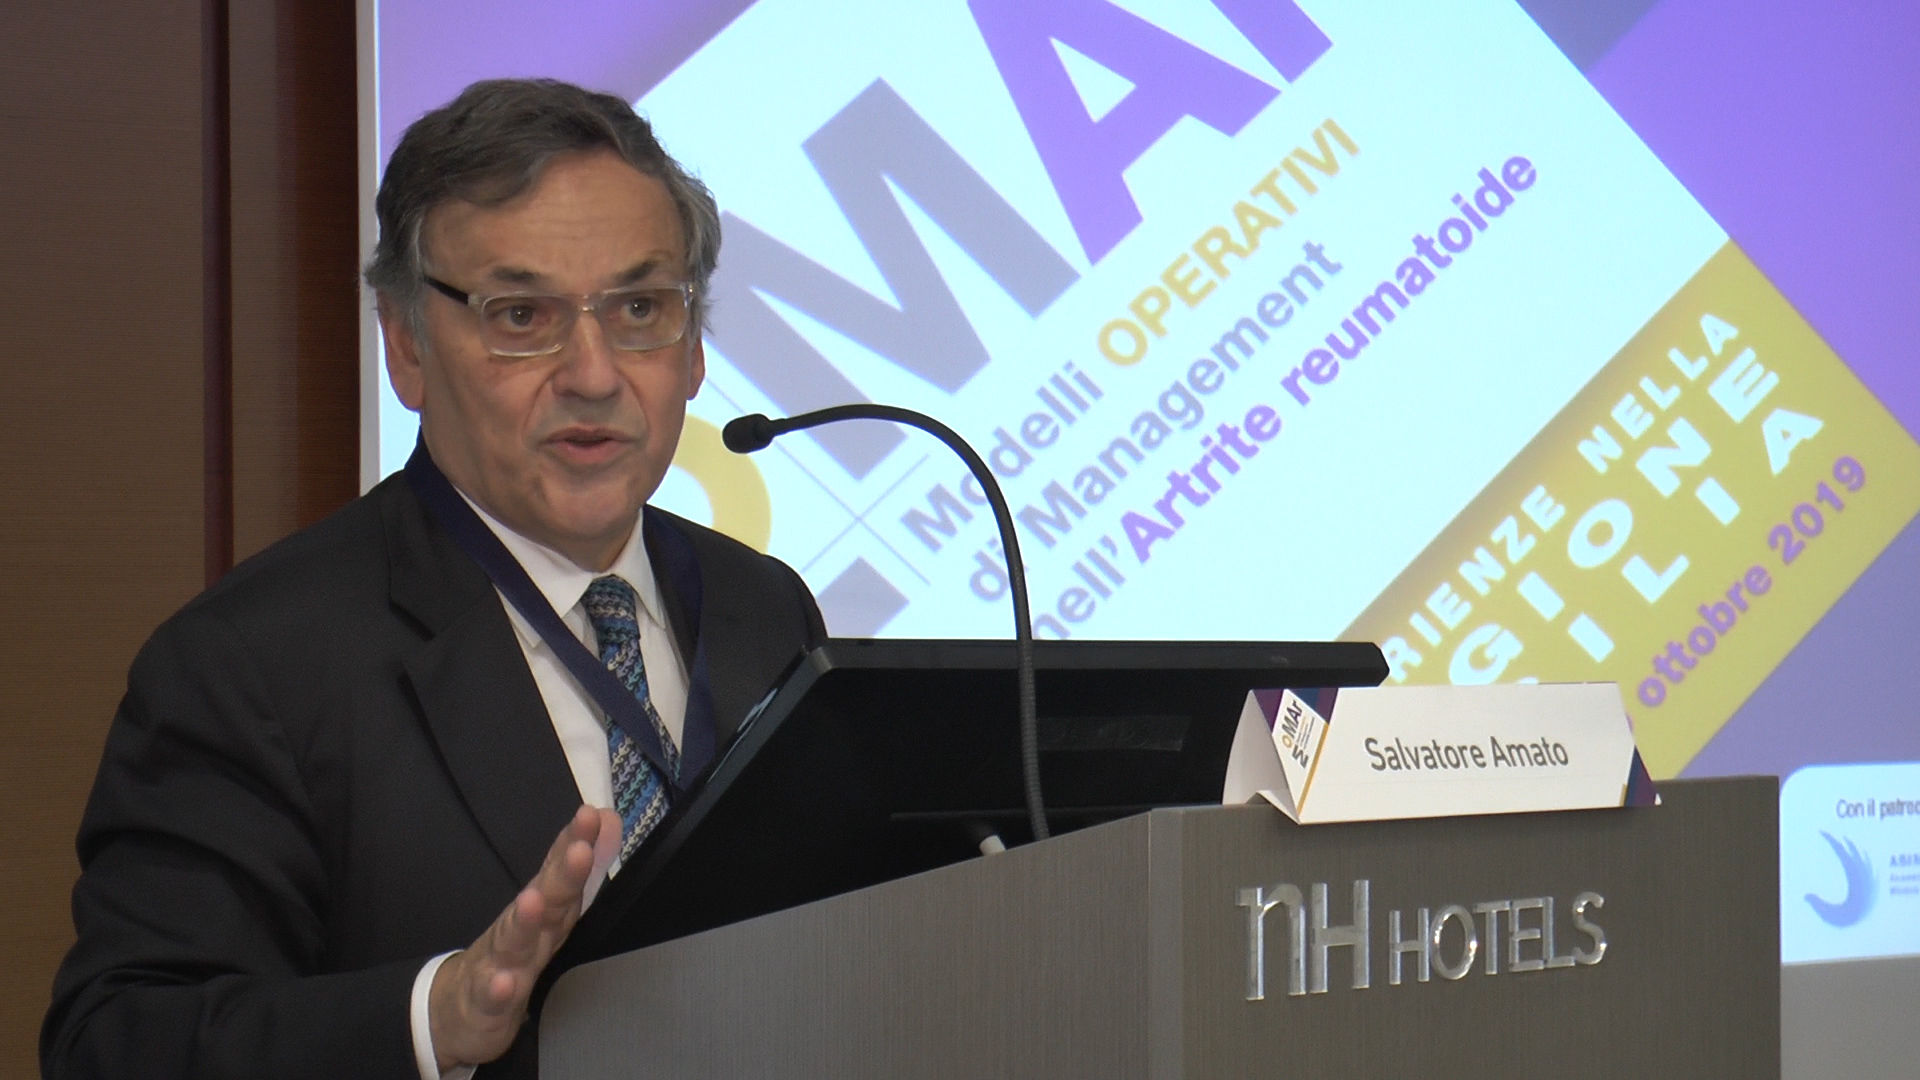 Presidente OMCEO Palermo prof. Salvatore Amato